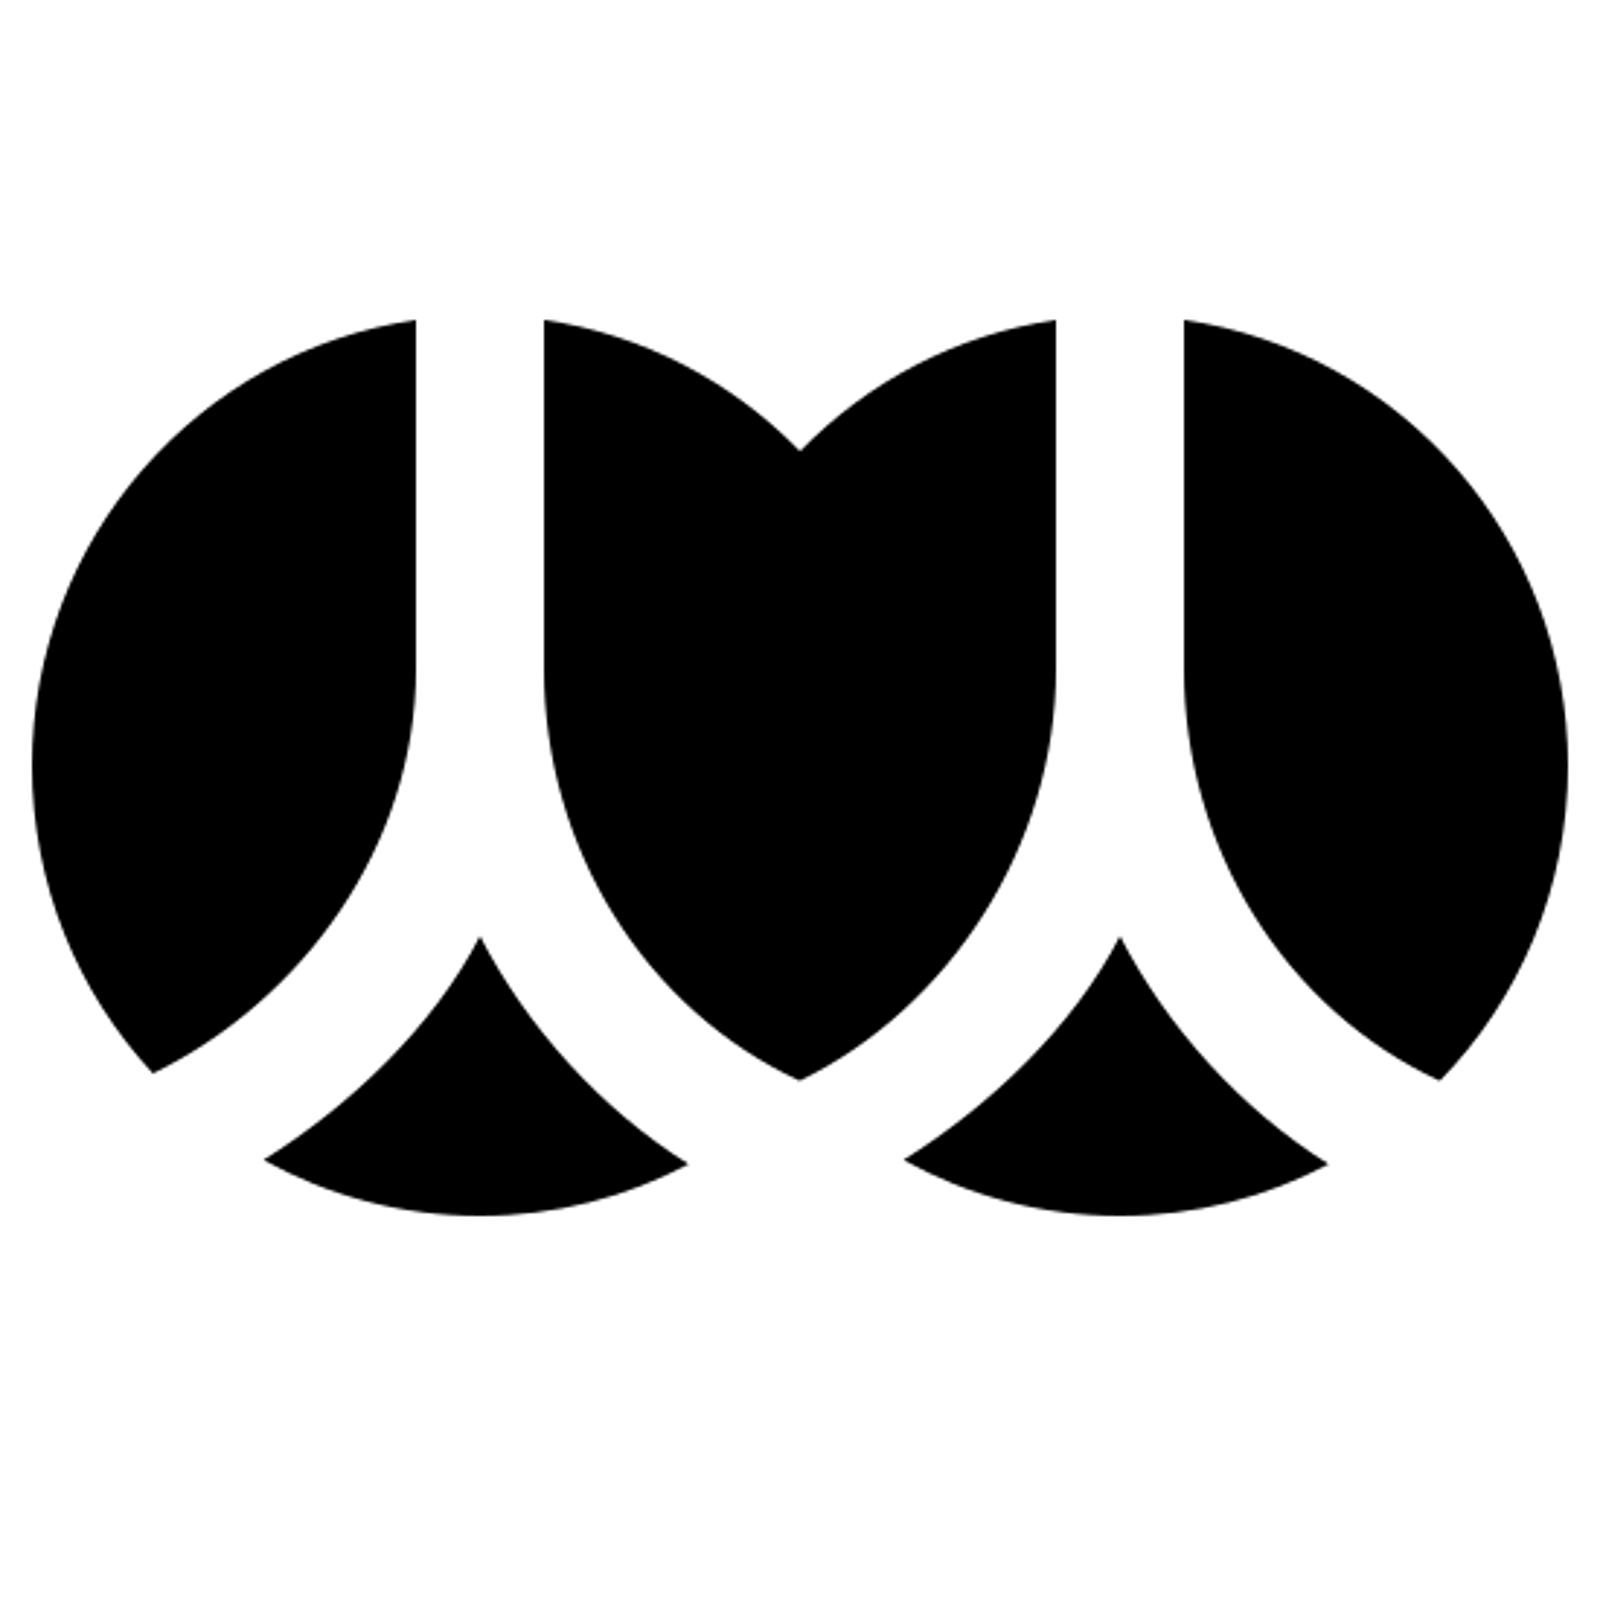 Renren Filled icon